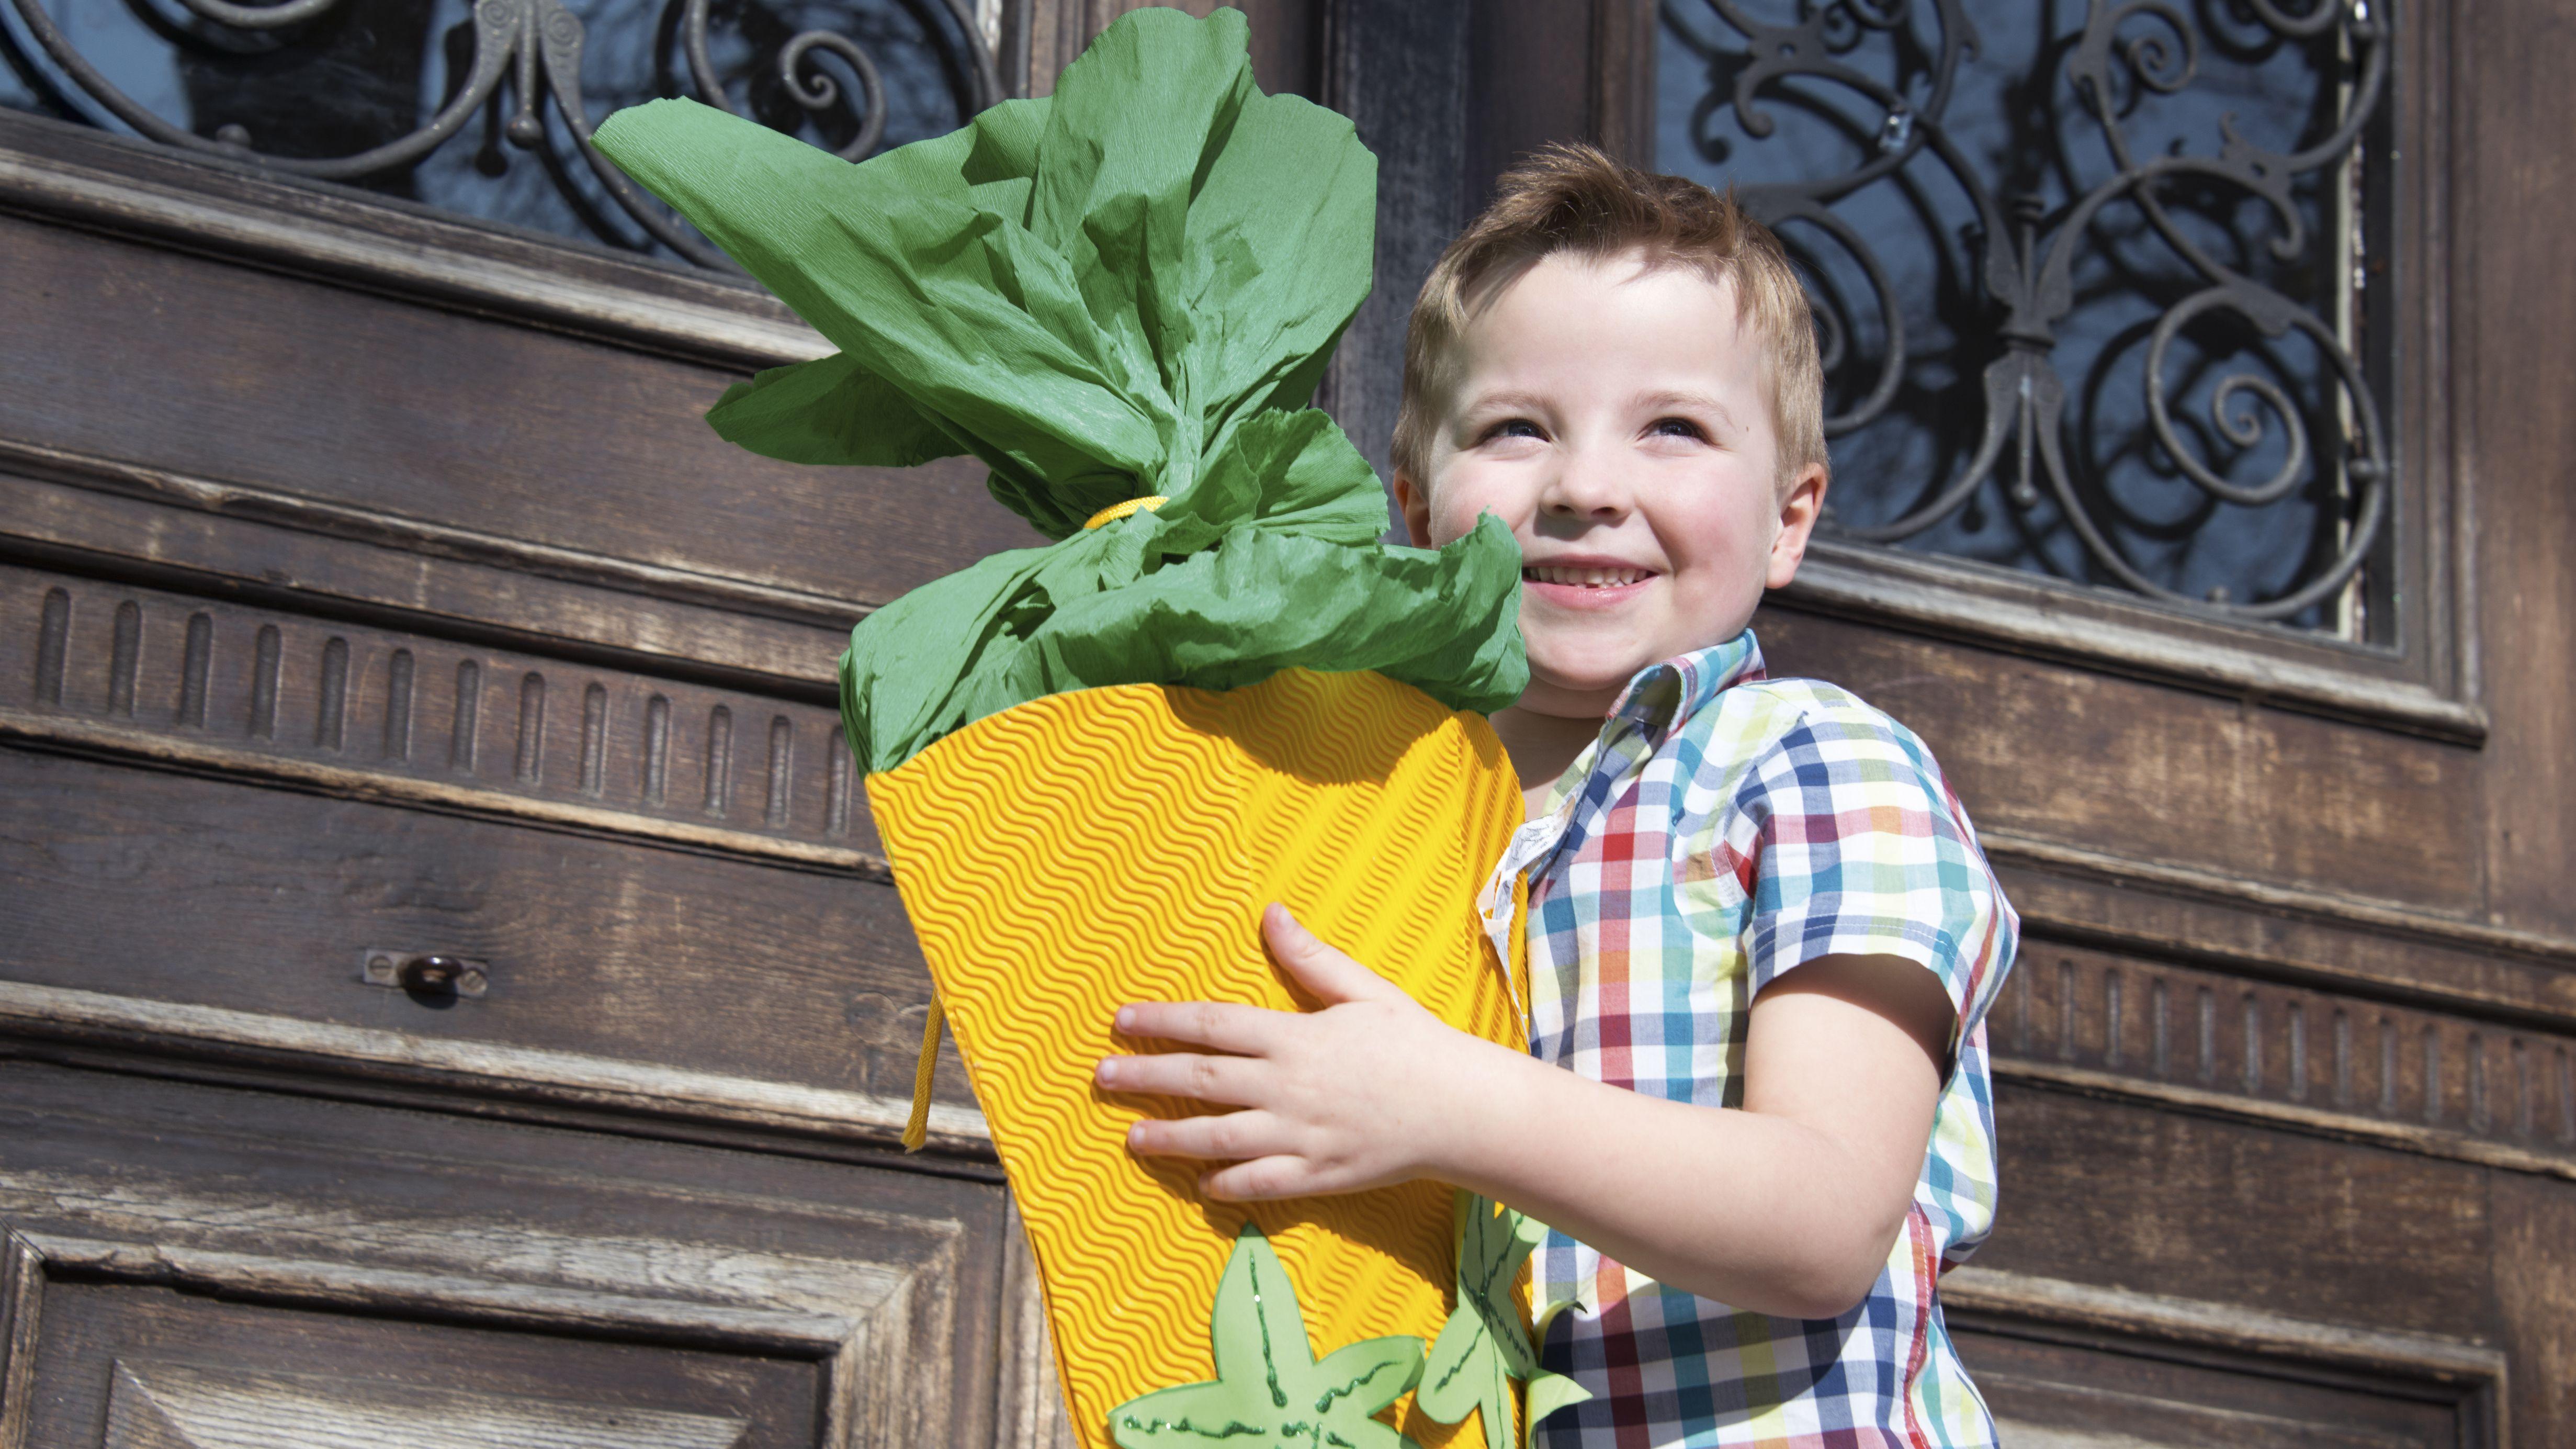 Bub mit Schultüte vorm Eingang einer Schule (Symbolbild)